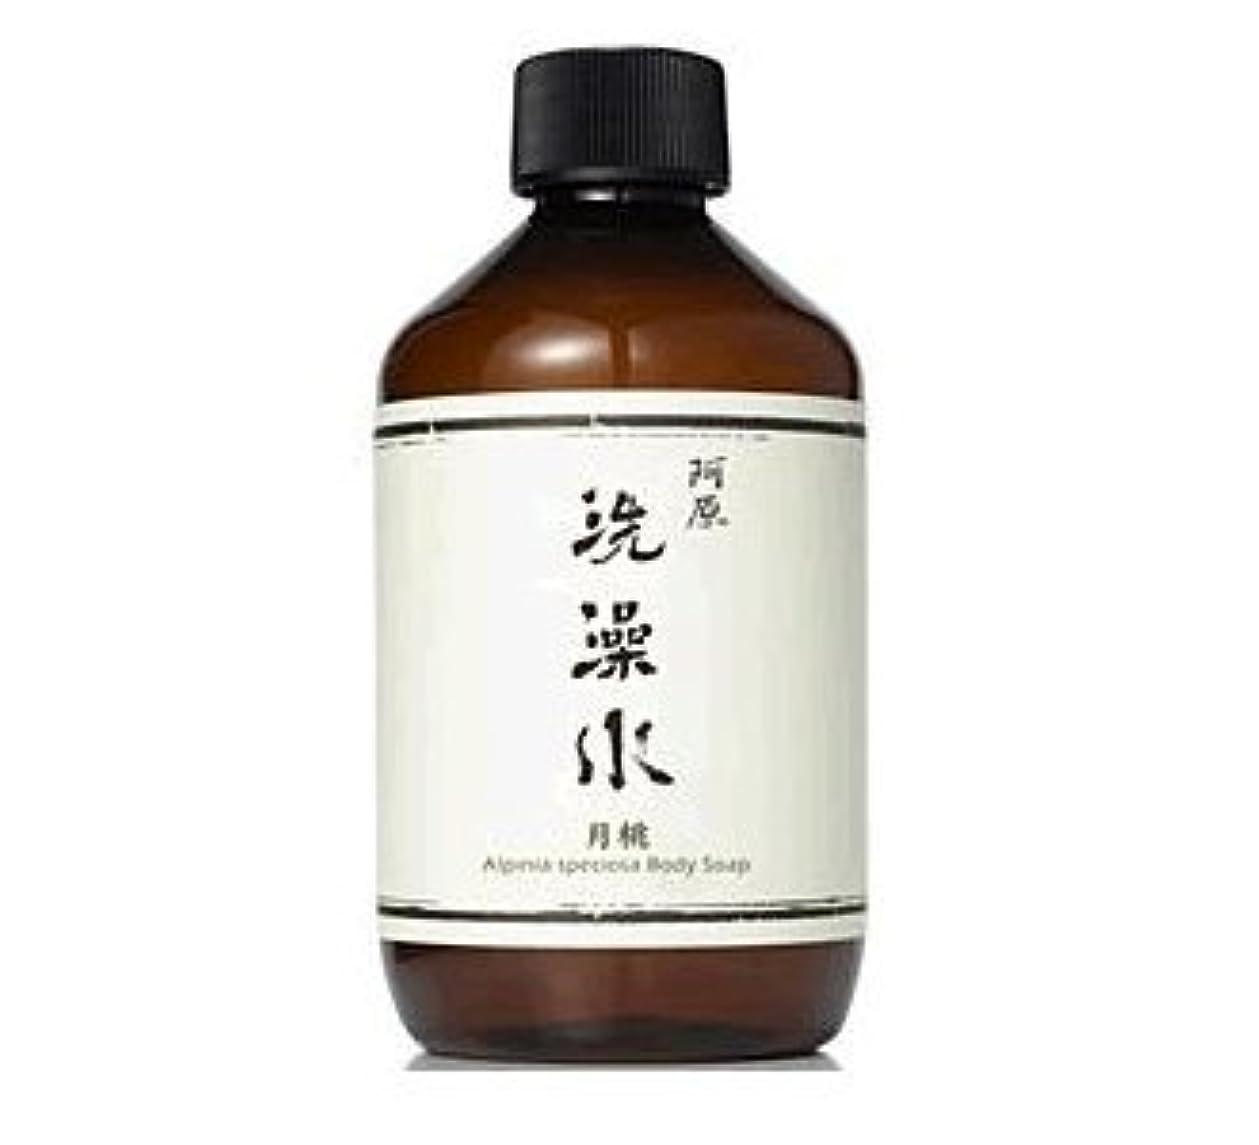 ビール神秘受益者ユアン(YUAN) 月桃 (ゲットウ) ボディシャンプー 250ml (阿原 ボディソープ)